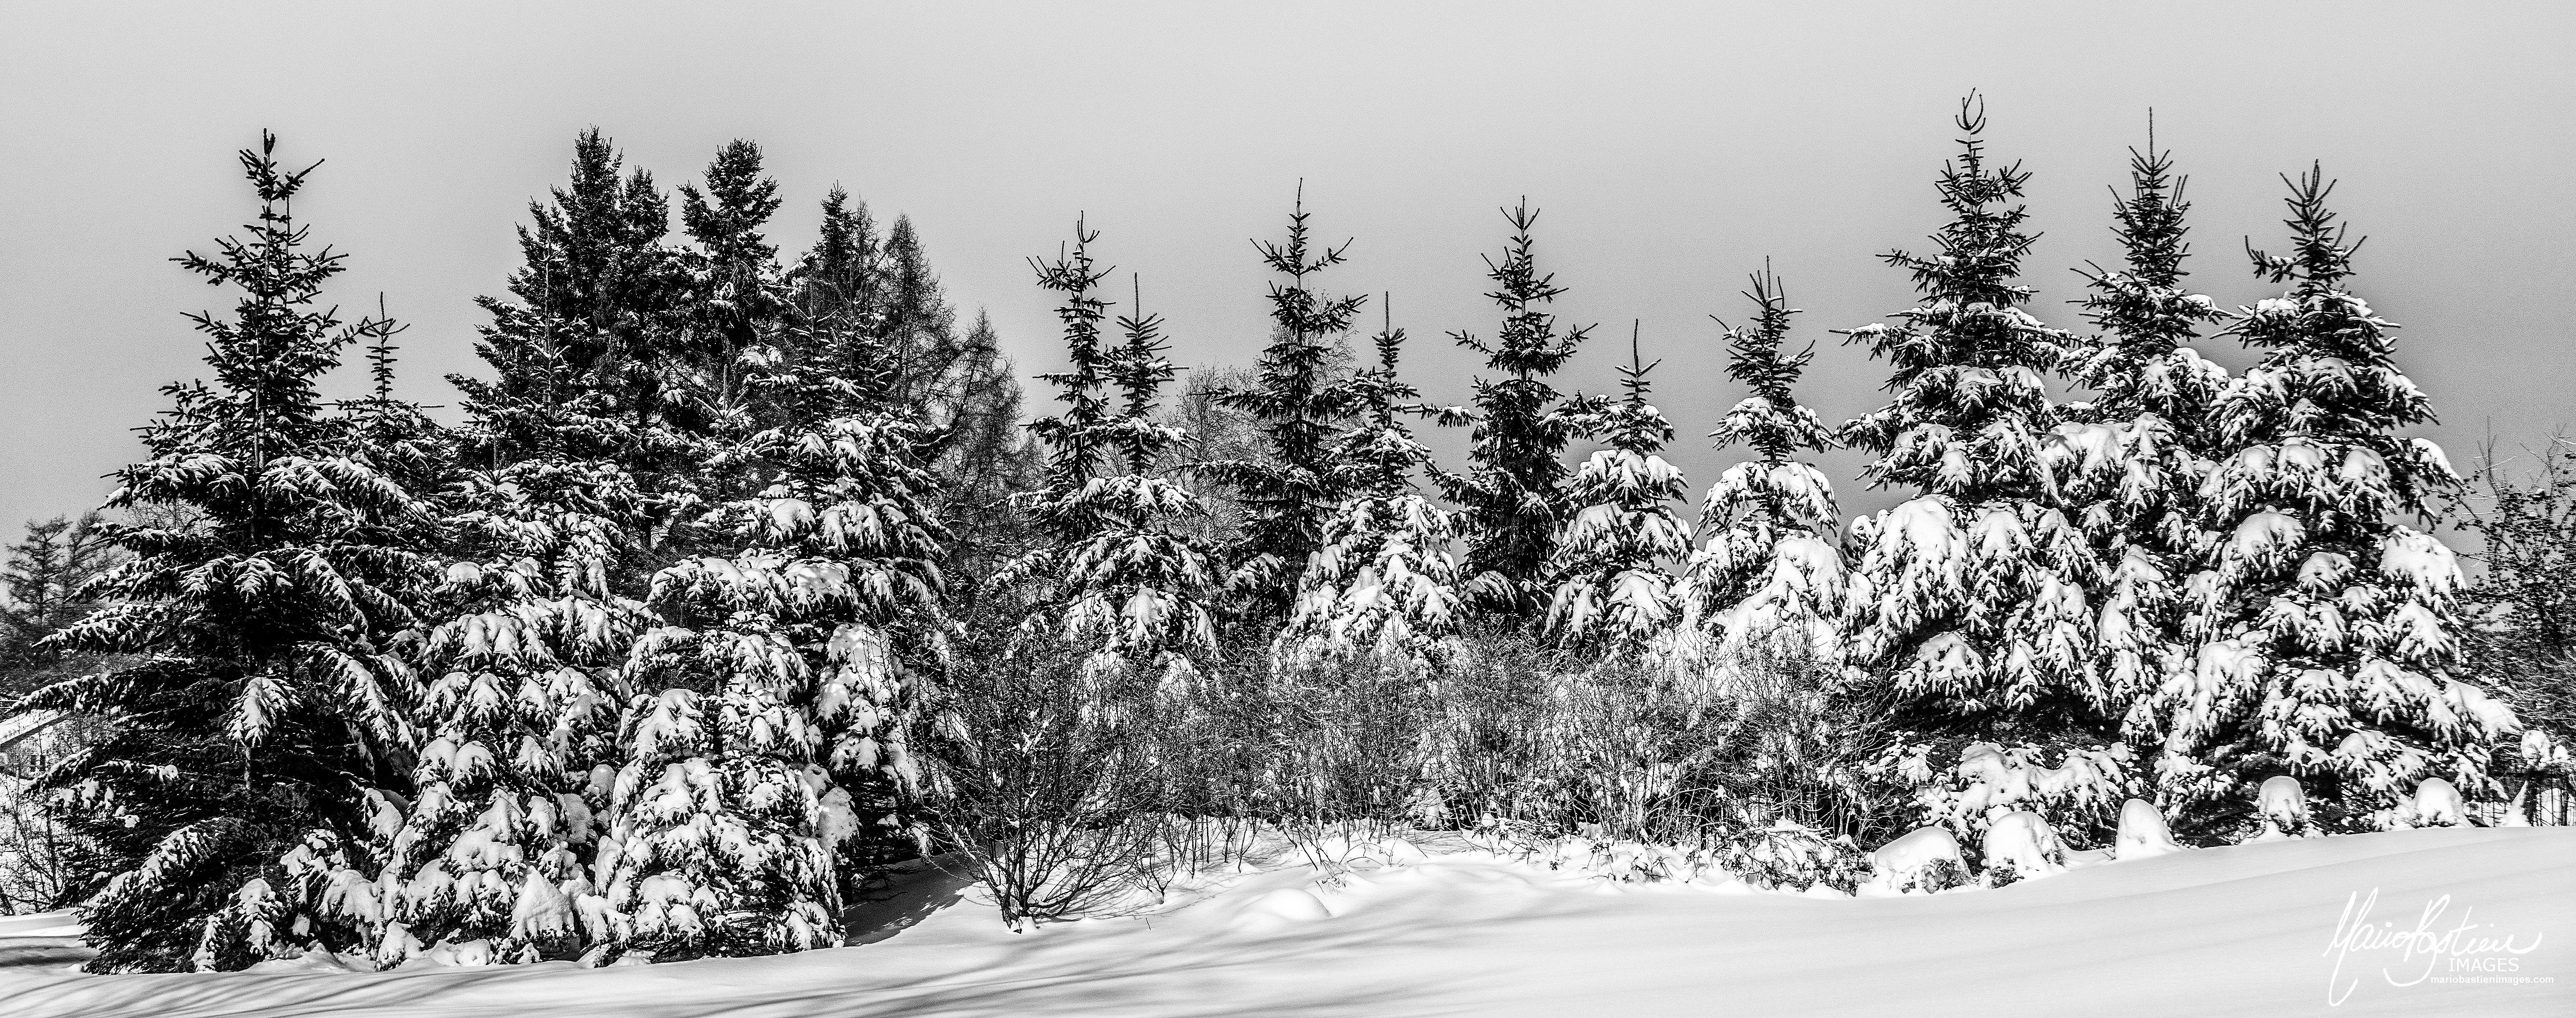 Manteaux Blancs